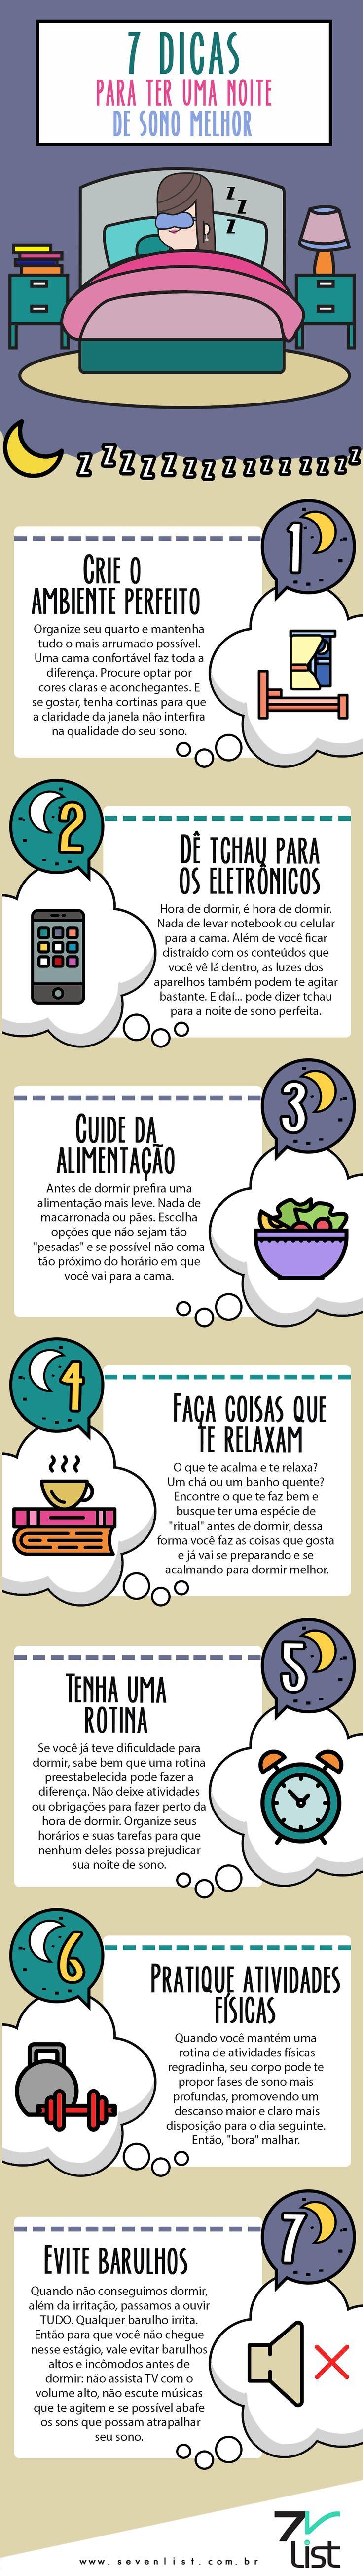 """Insônia, você já teve? Uma noite de sono bem dormida pode transformar o seu dia seguinte de uma forma bastante positiva. Mas, nem sempre conseguimos criar o """"clima"""" ideal para isso. Hoje o Seven List separou 7 dicas para ter uma noite de sono melhor. #SevenList #Noitedesono #Dormir #Insônia #Dormirbem #Saúde #Bemestar #Atividadefísica #Eletrônico #Descanso #Noite #Barulho #Rotina #Horário #Relaxar #Alimentação #Comerbem #Ambiente #Quarto #Decoração #Aconchego"""